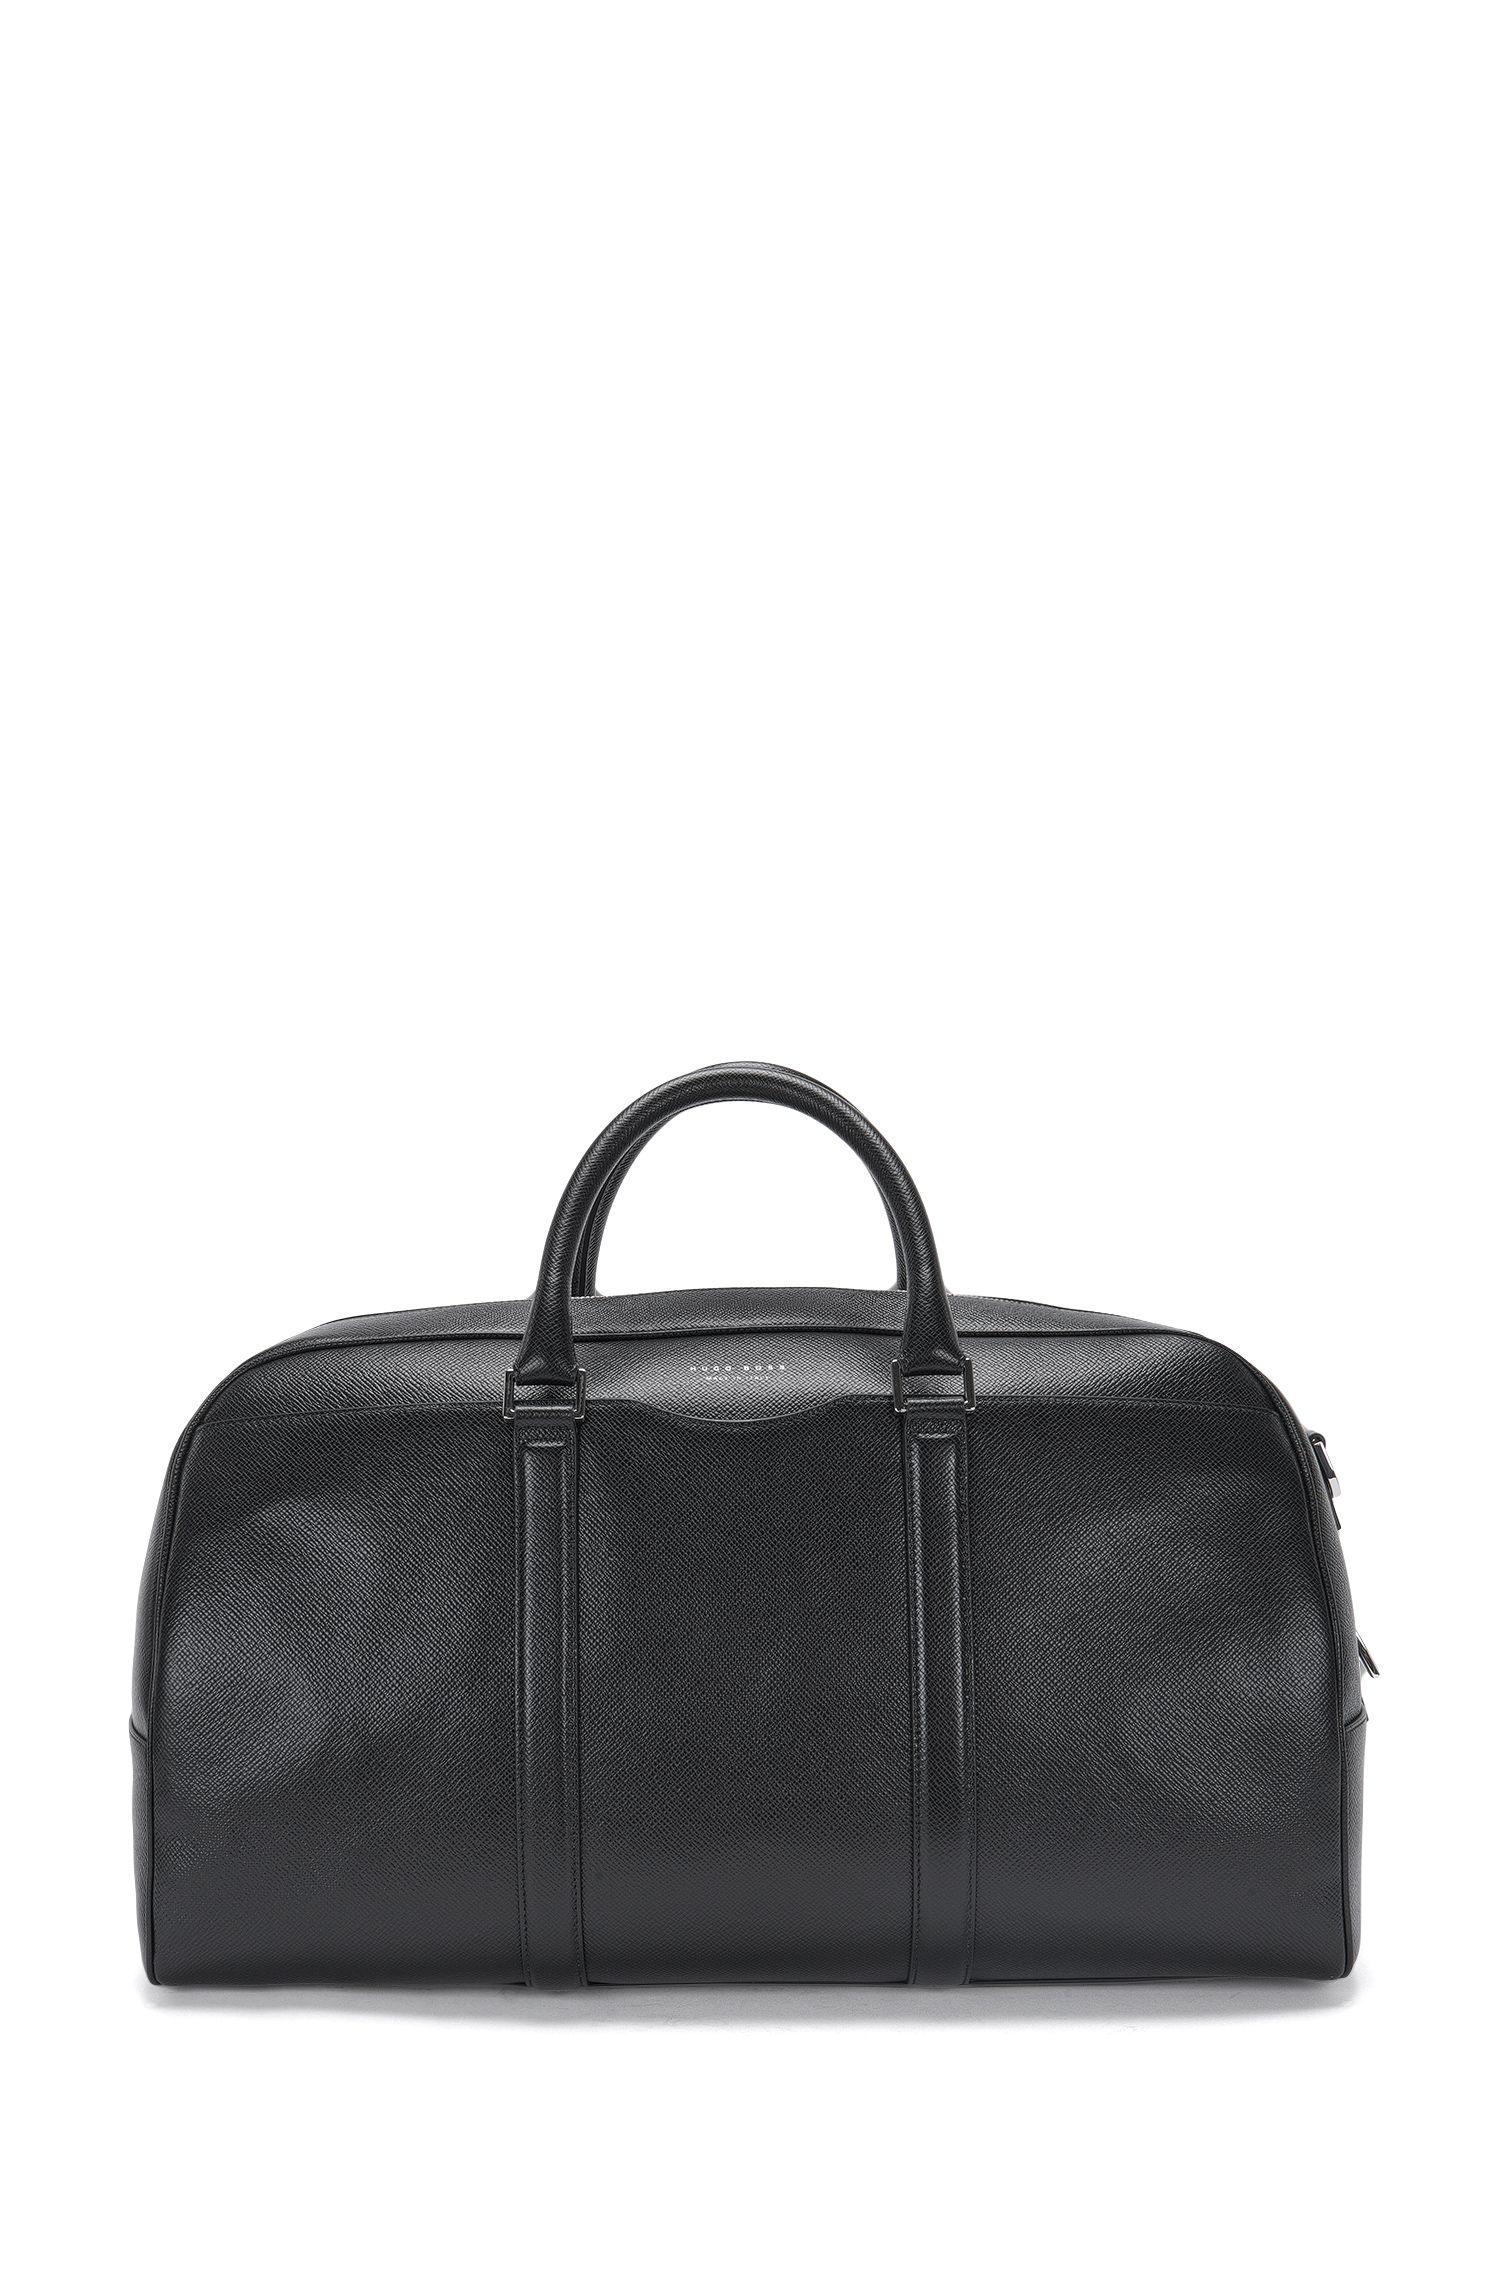 'Signature S Hold'   Calfskin Weekender Bag, Detachable Shoulder Strap